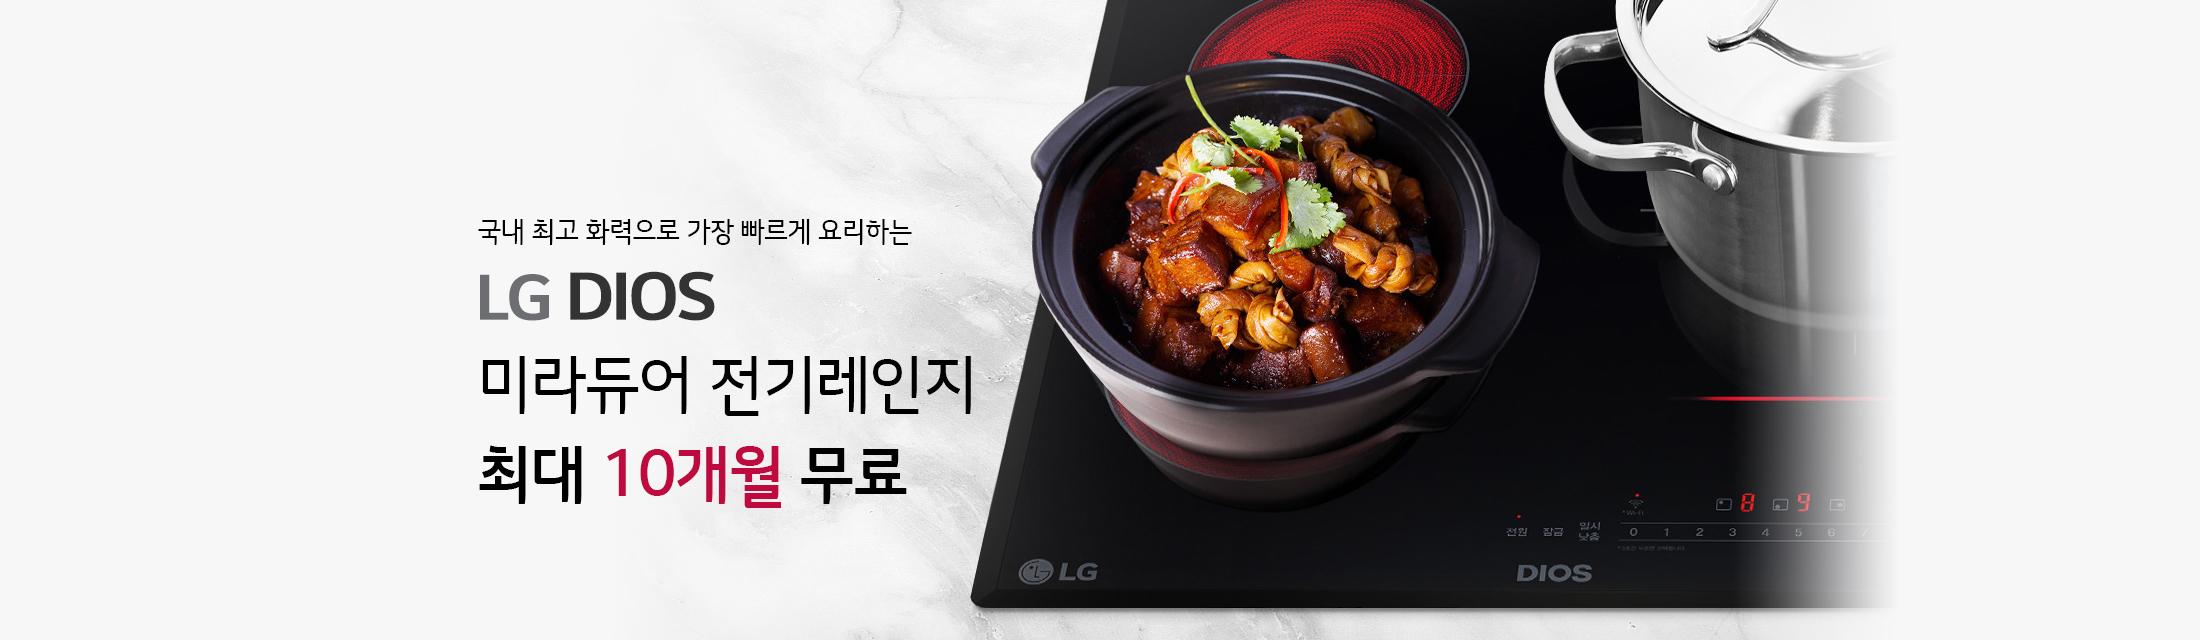 LG 디오스 미라듀어 전기레인지 최대 10개월 무료